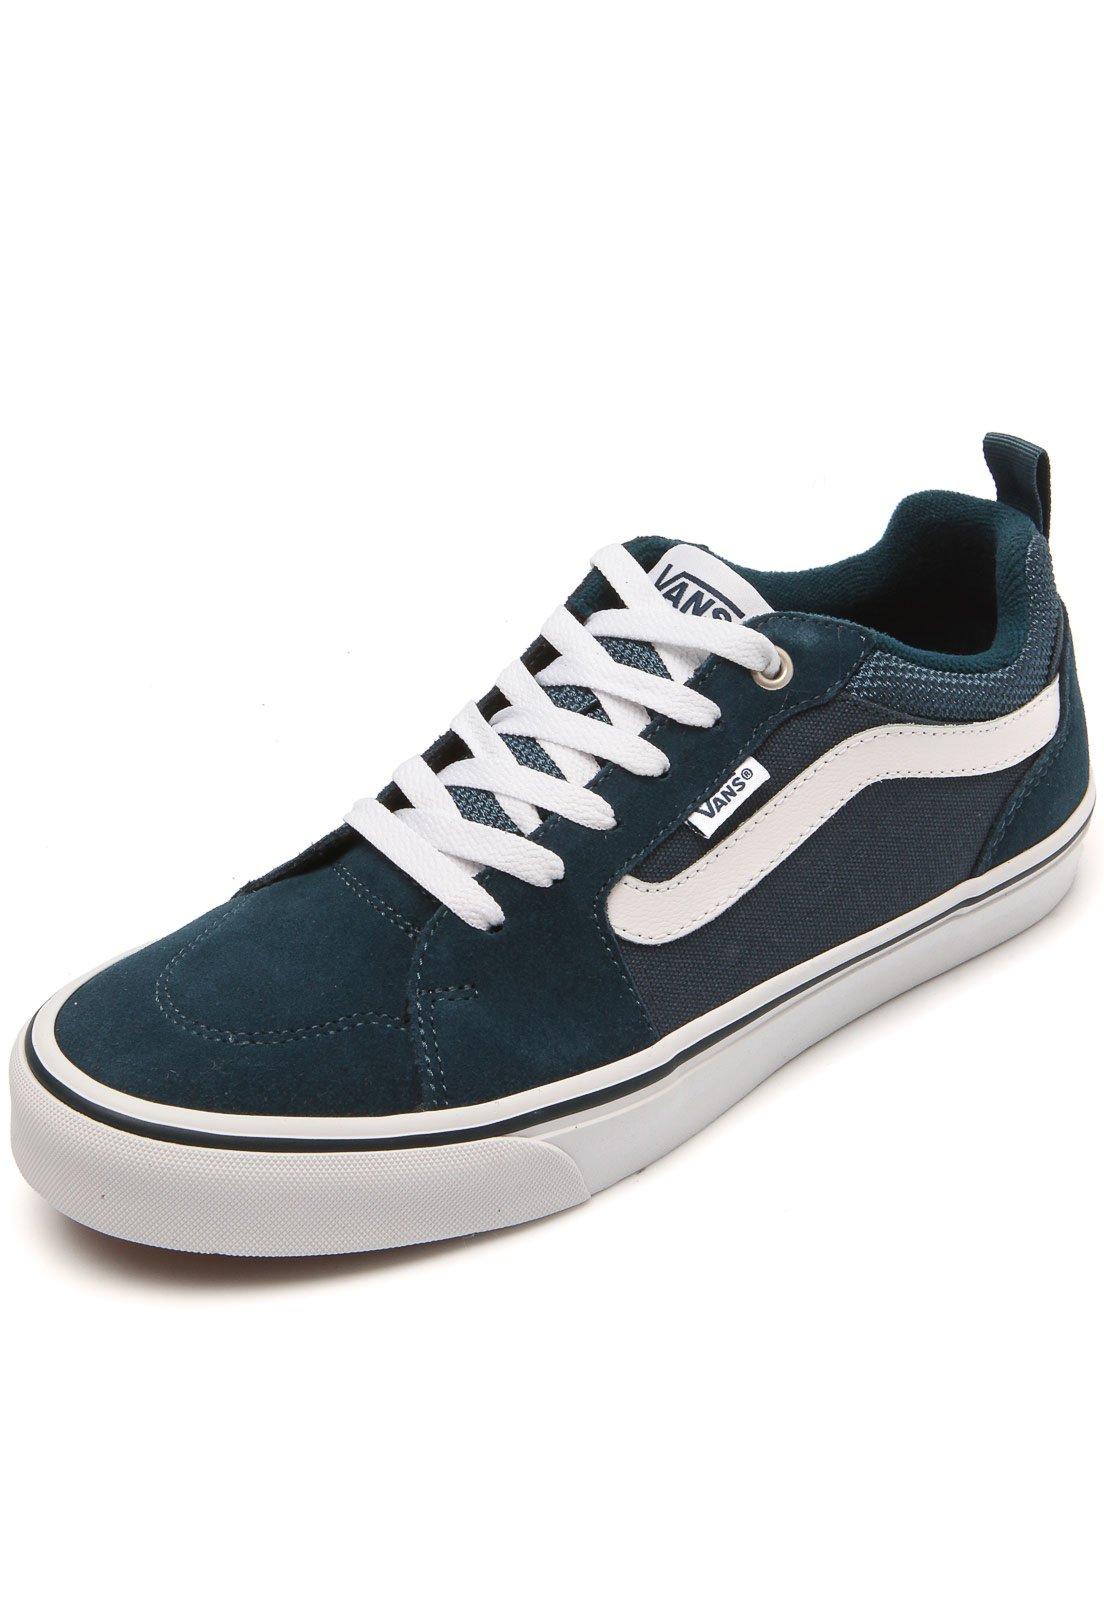 Tênis Vans Mn Filmore Azul - Compre Agora  4bcacd78c2a